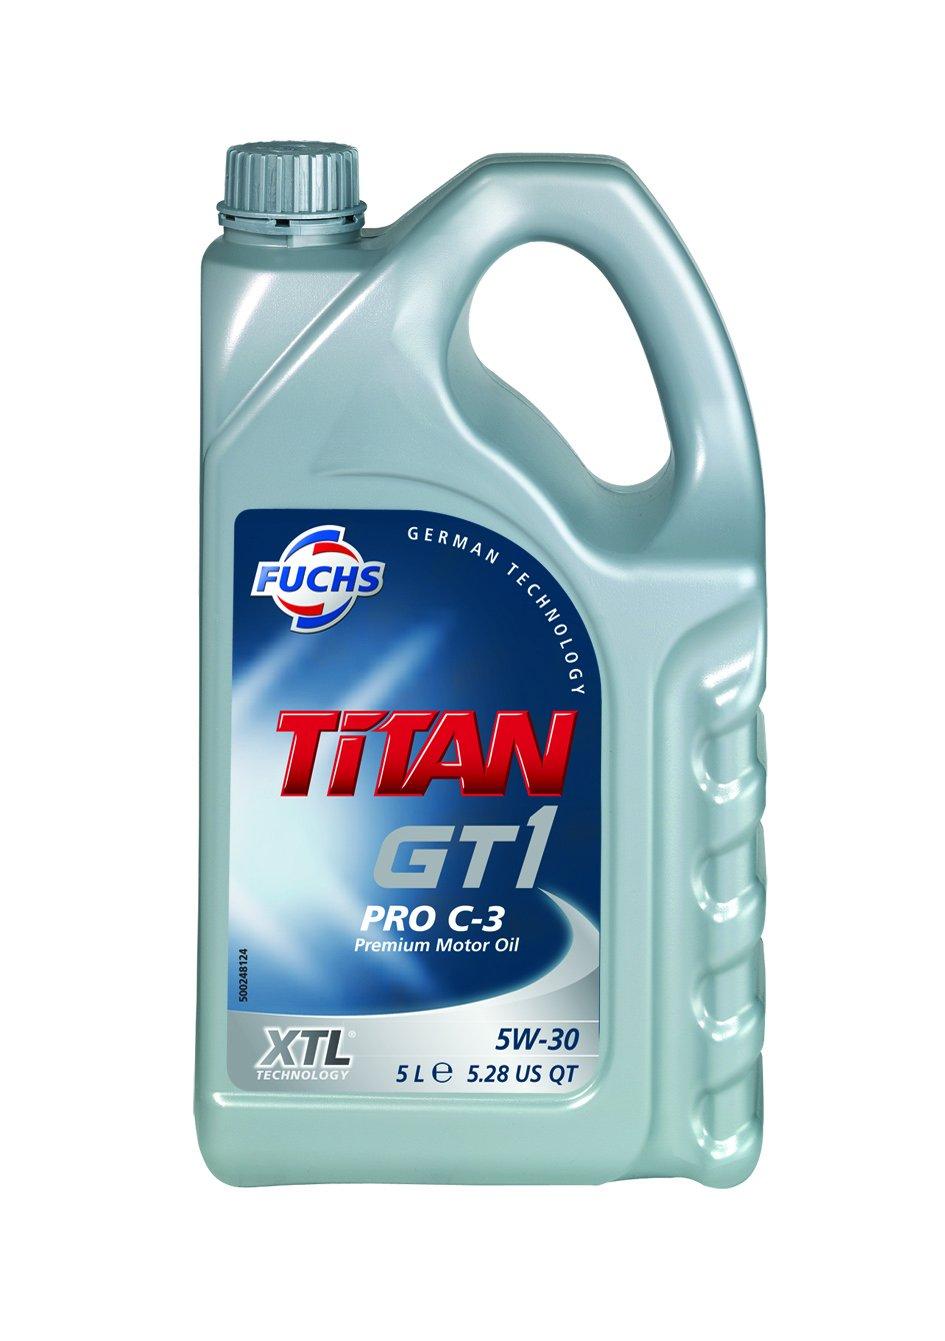 Fuchs 601236495 TITAN GT1 PRO C-3 5W30 XTL 5L